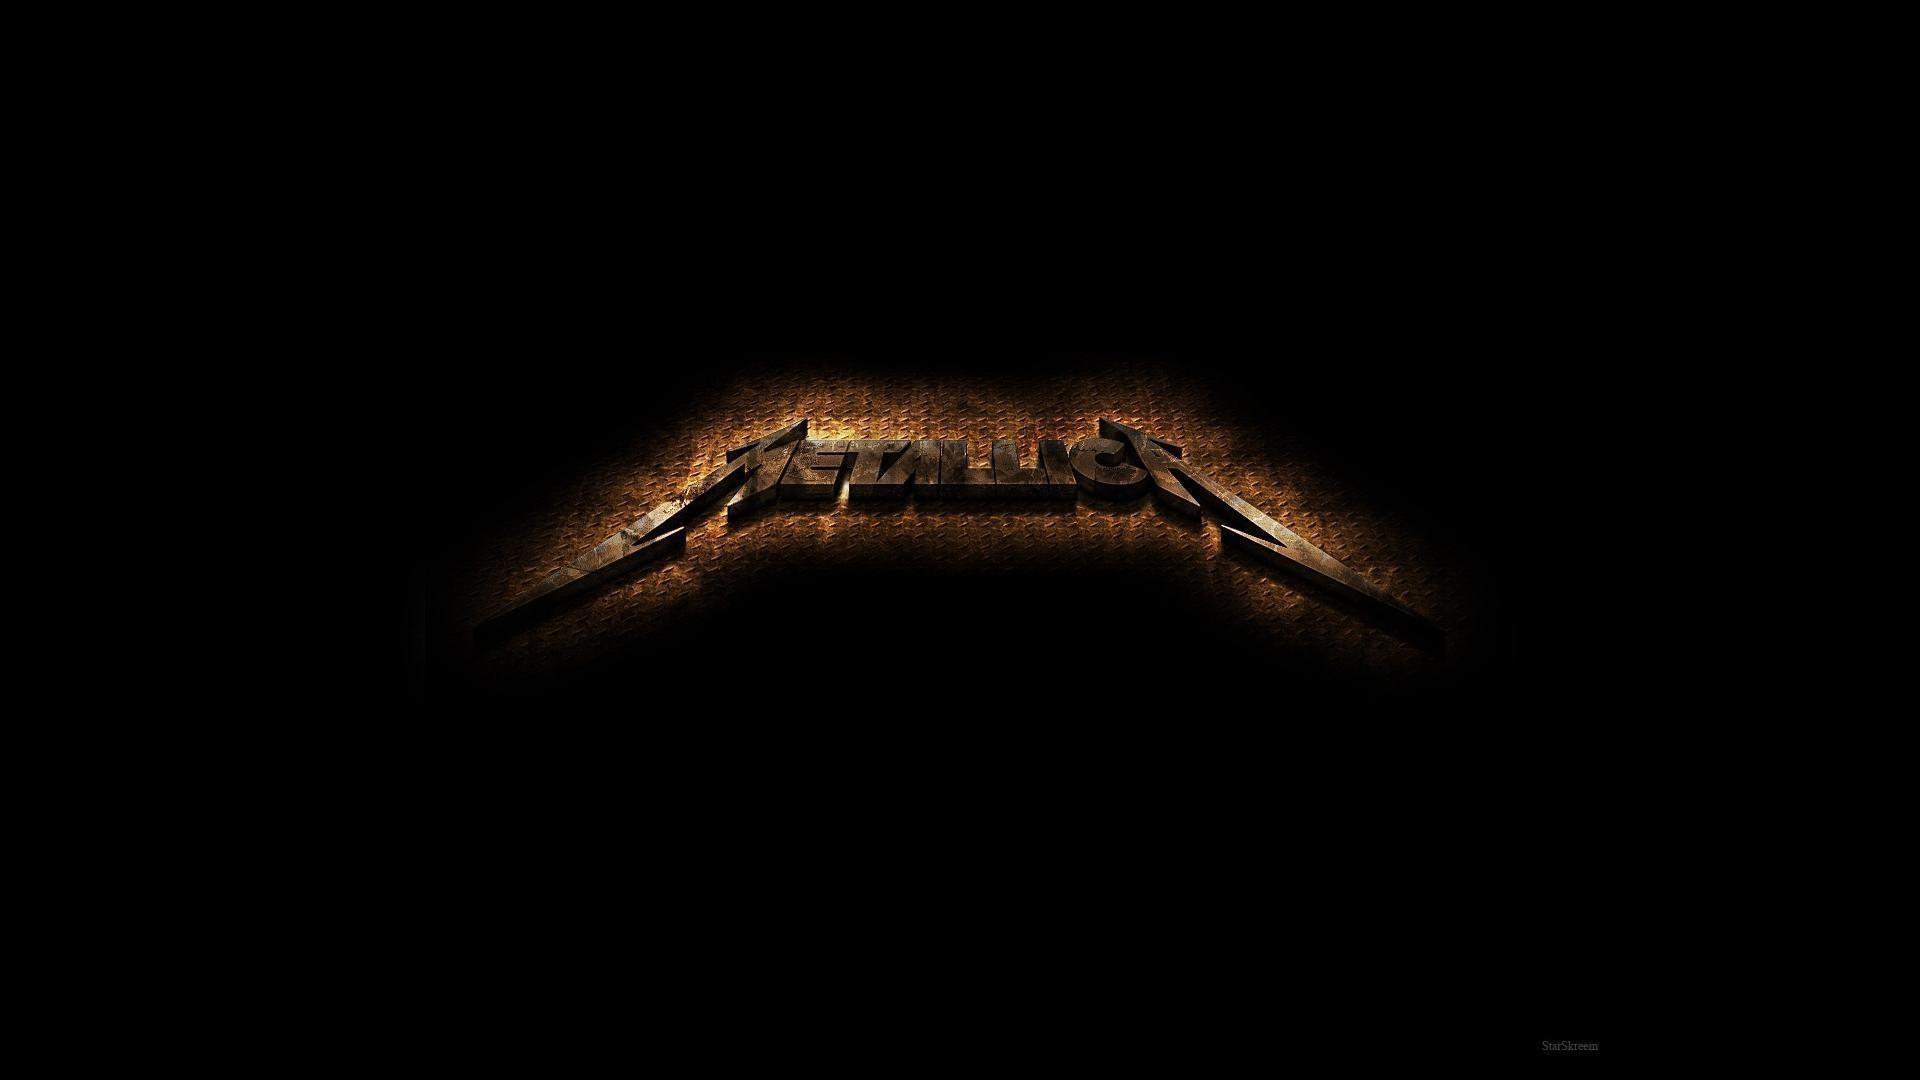 Metallica Wallpapers HD Download